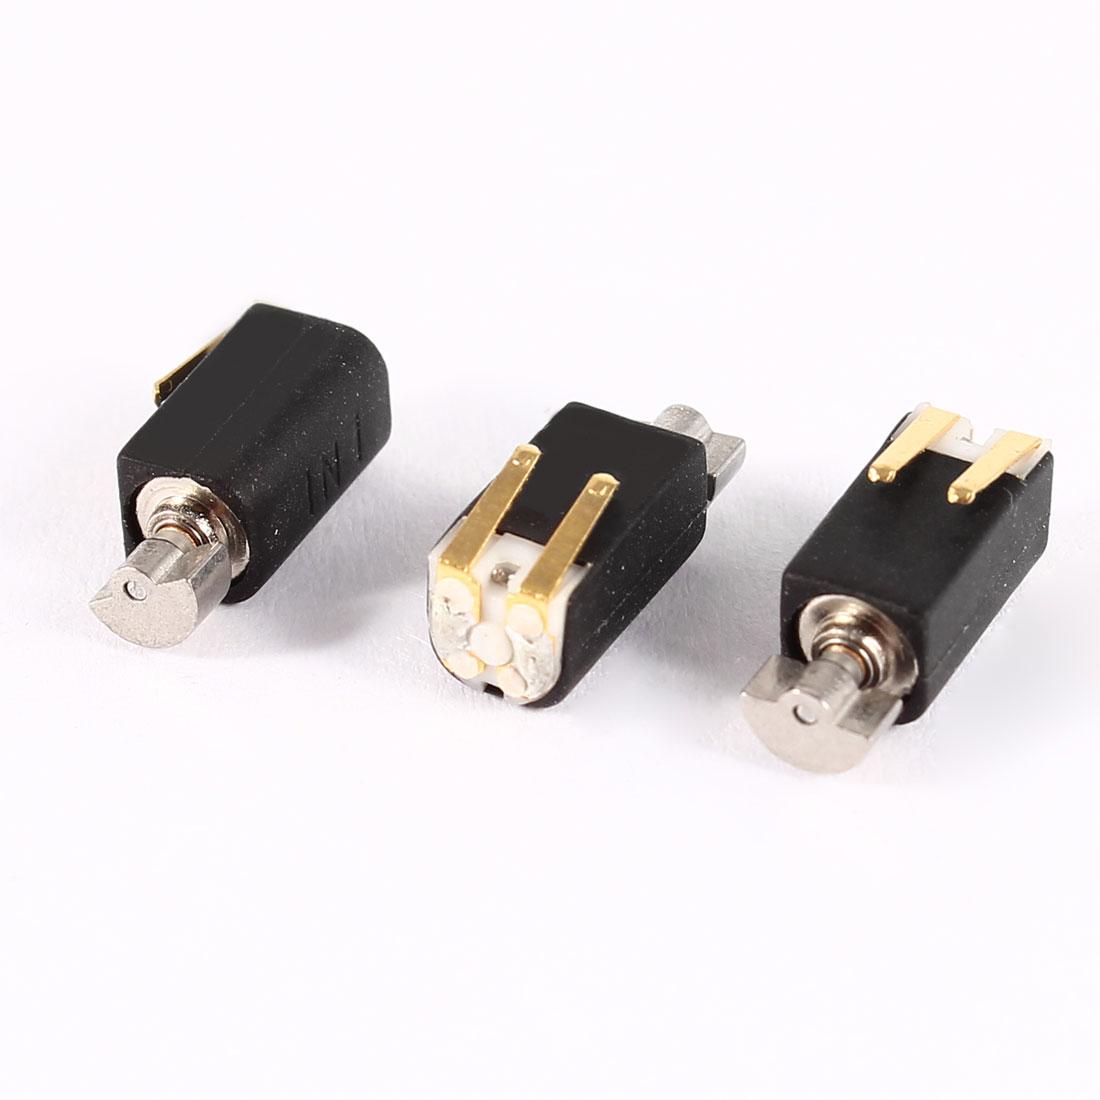 4.4mm x 4.4mm x 8.2mm Black Electric 2000RPM Speed Vibration Motor DC3V 3 Pcs